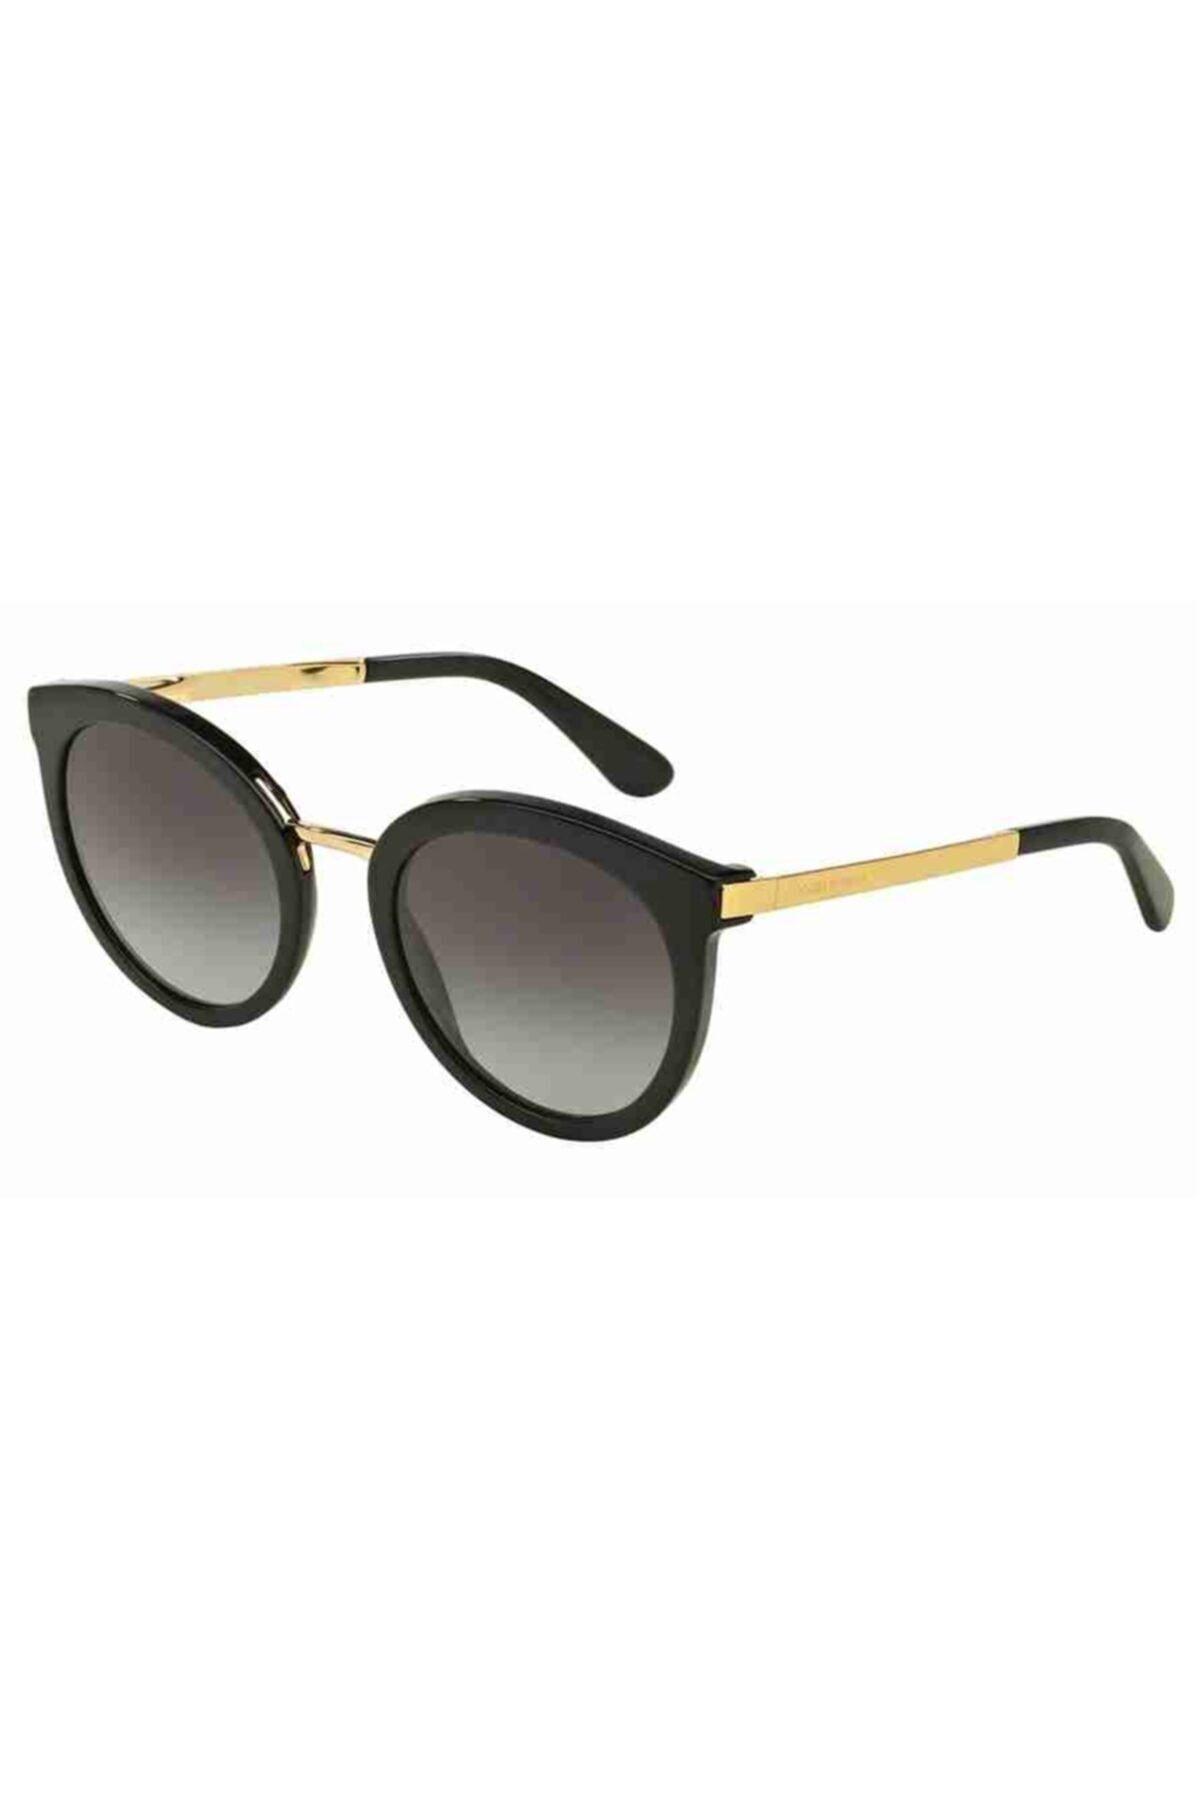 Dolce & Gabbana 4268 501/8g 52 Ekartman Unisex Güneş Gözlüğü 1